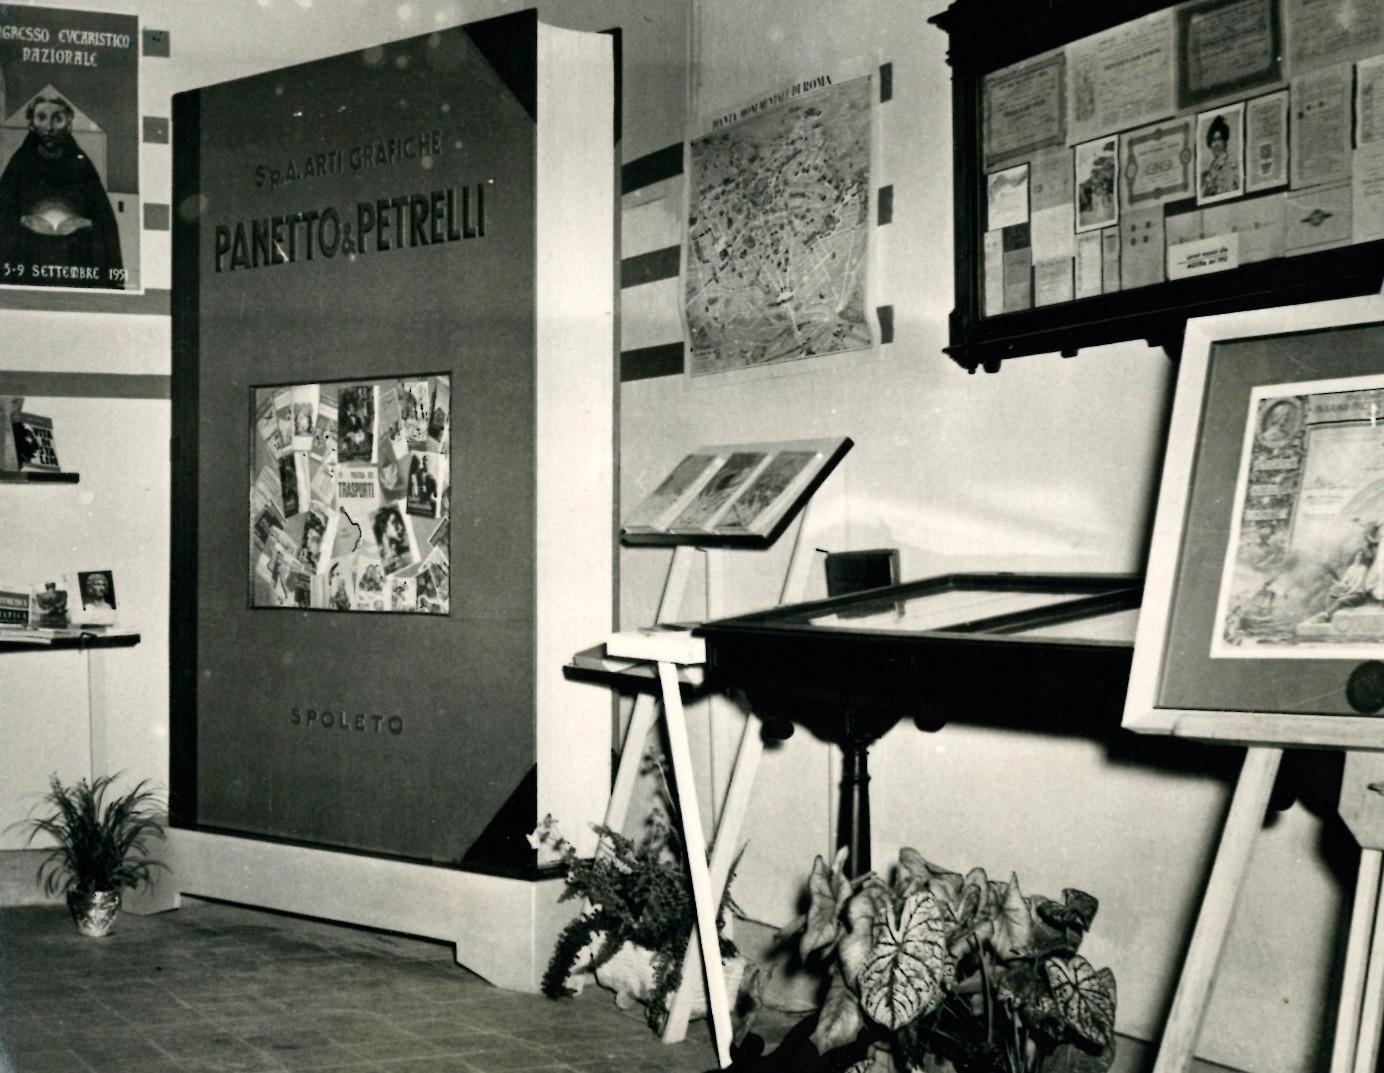 Panetto-e-Petrelli